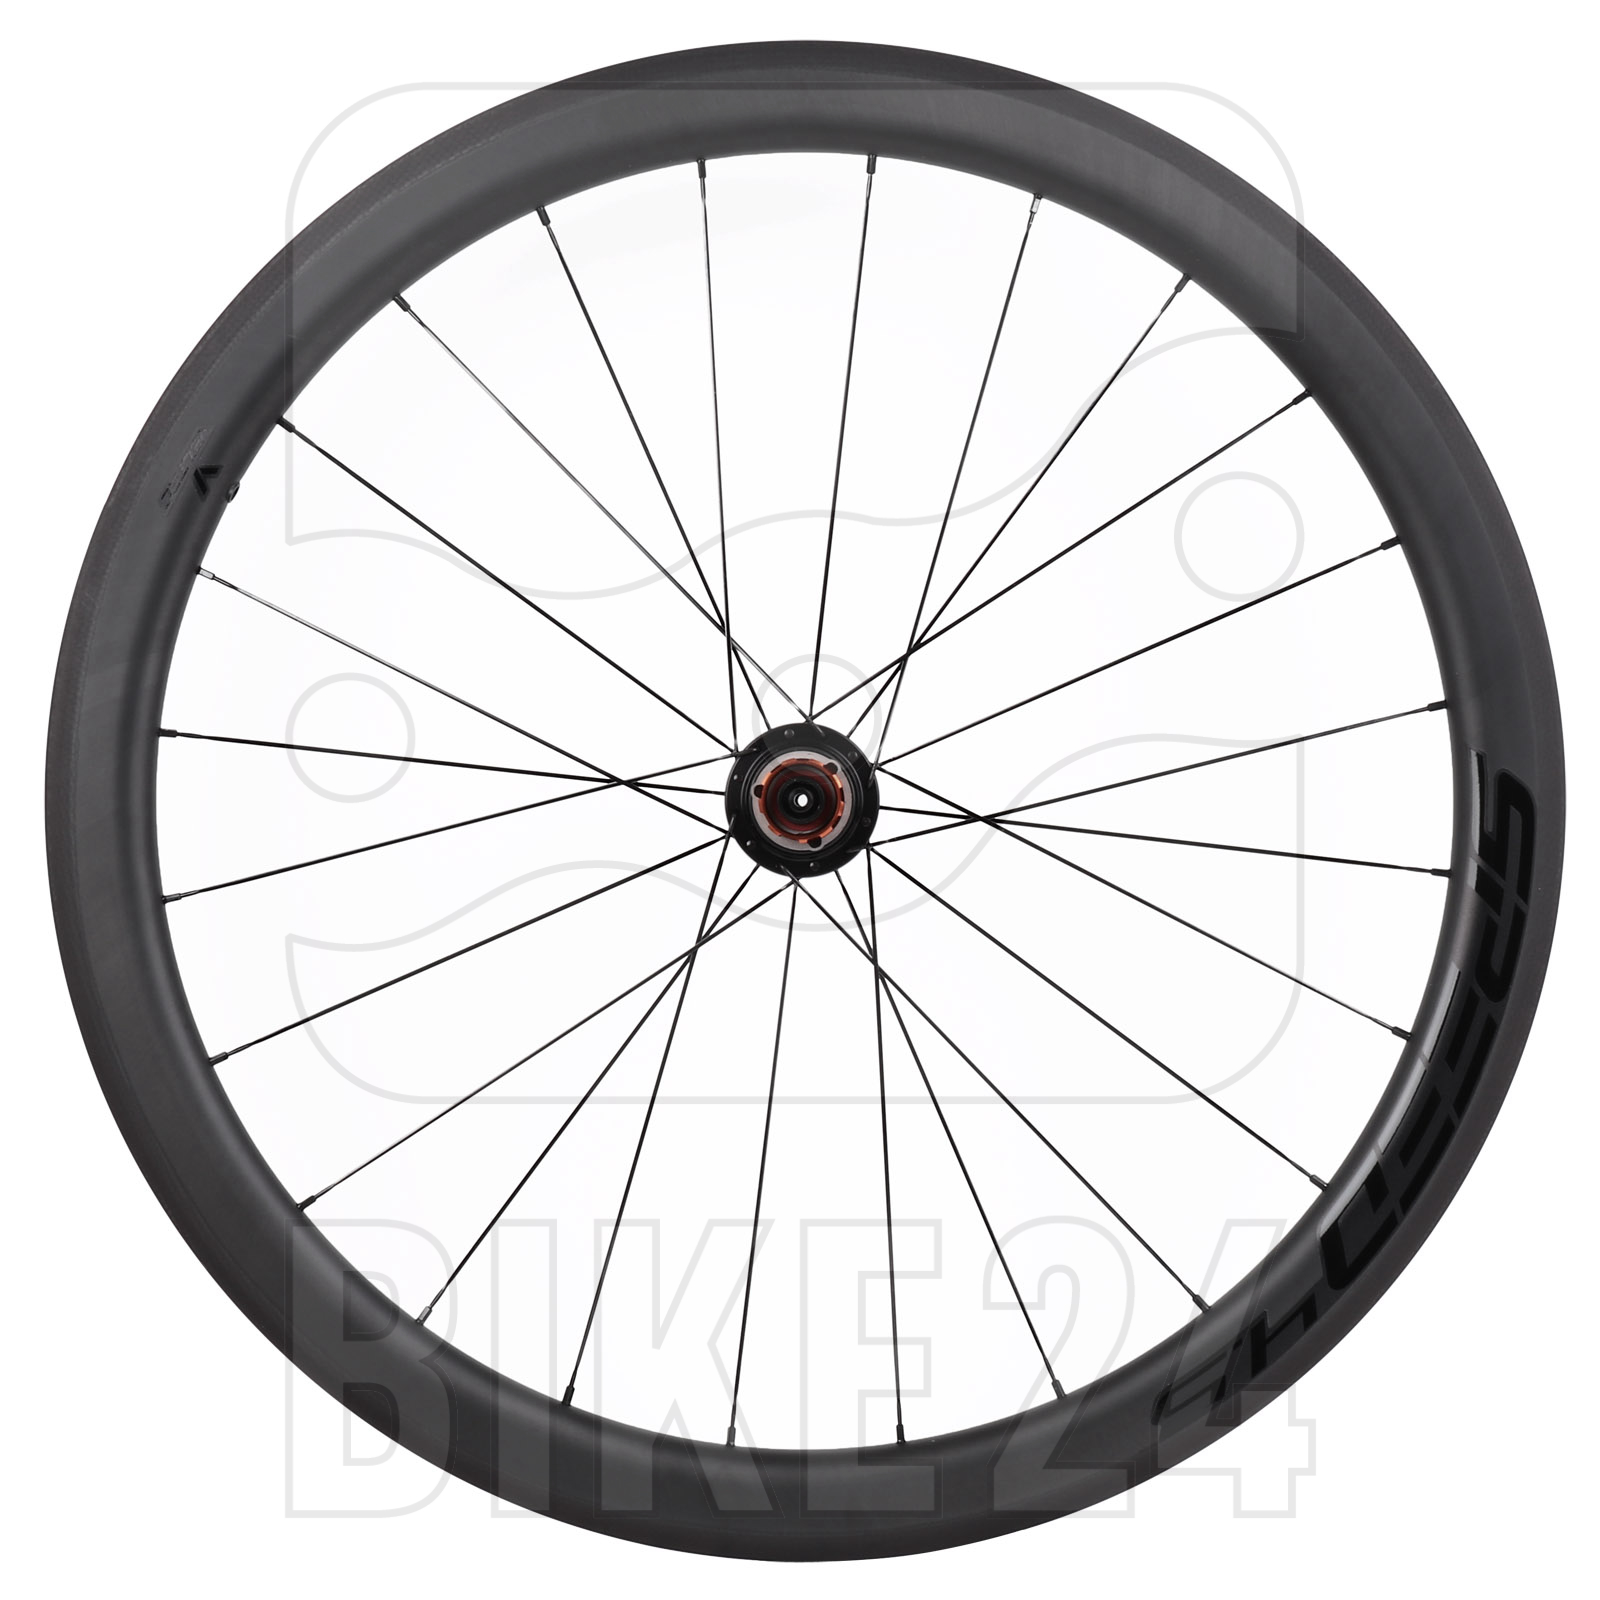 Veltec Speed 4.5 Carbon Hinterrad - Drahtreifen - QR130 - schwarz mit schwarzen Decals